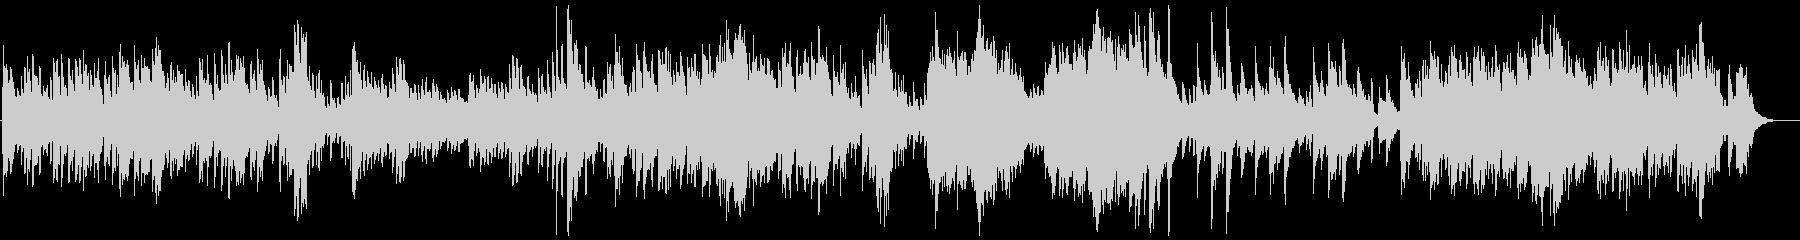 優しく切ないピアノのバラードの未再生の波形